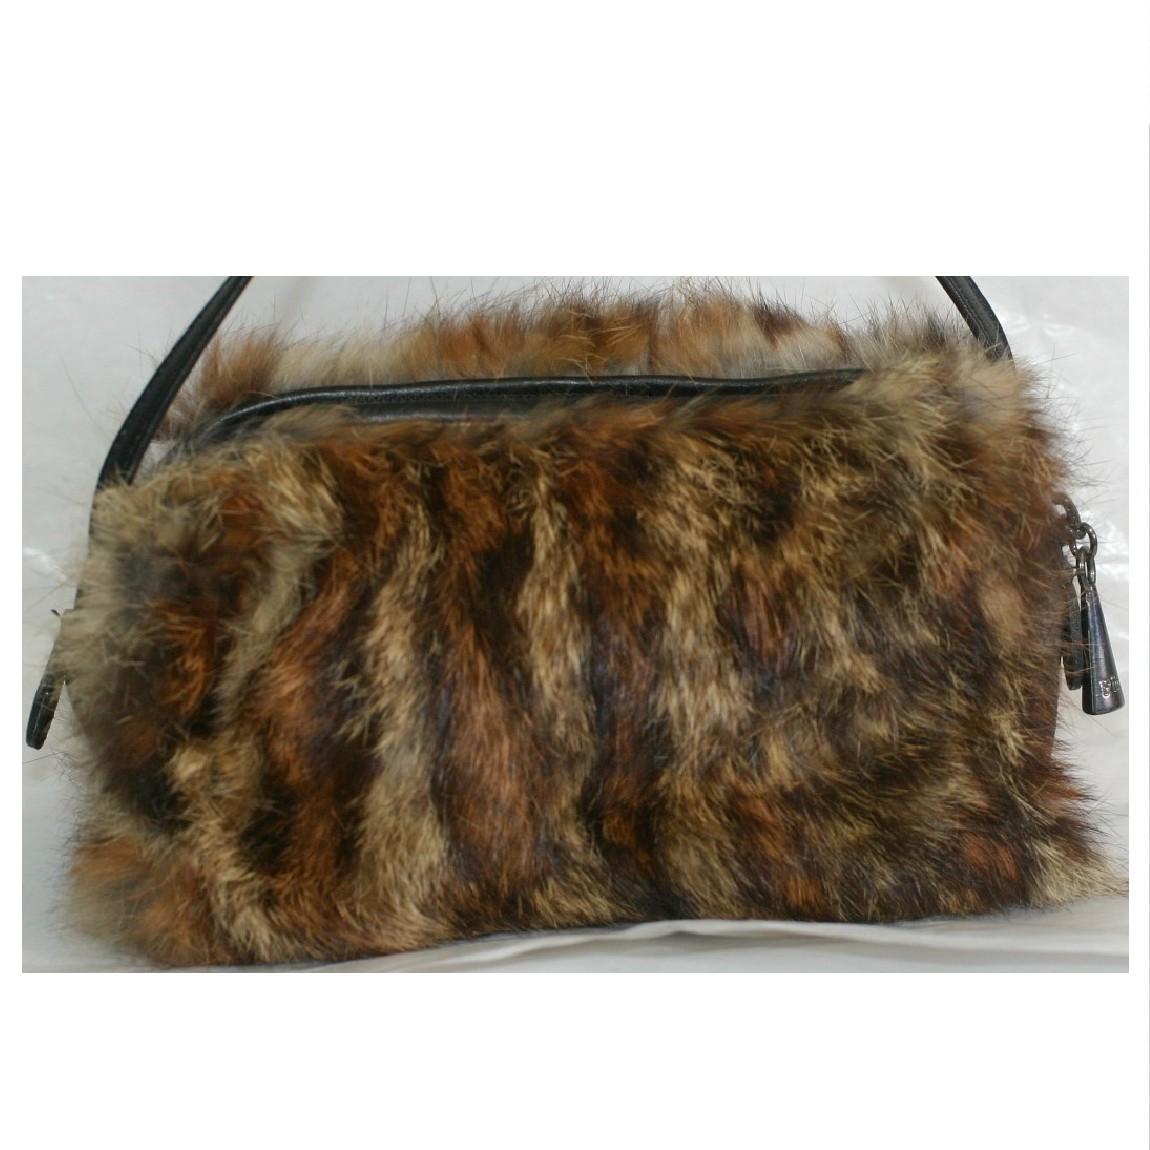 【中古】本物抜群に綺麗プリ二オビソナ女性用黒革x豹柄模様毛皮ハンドポーチW19H10D7cm